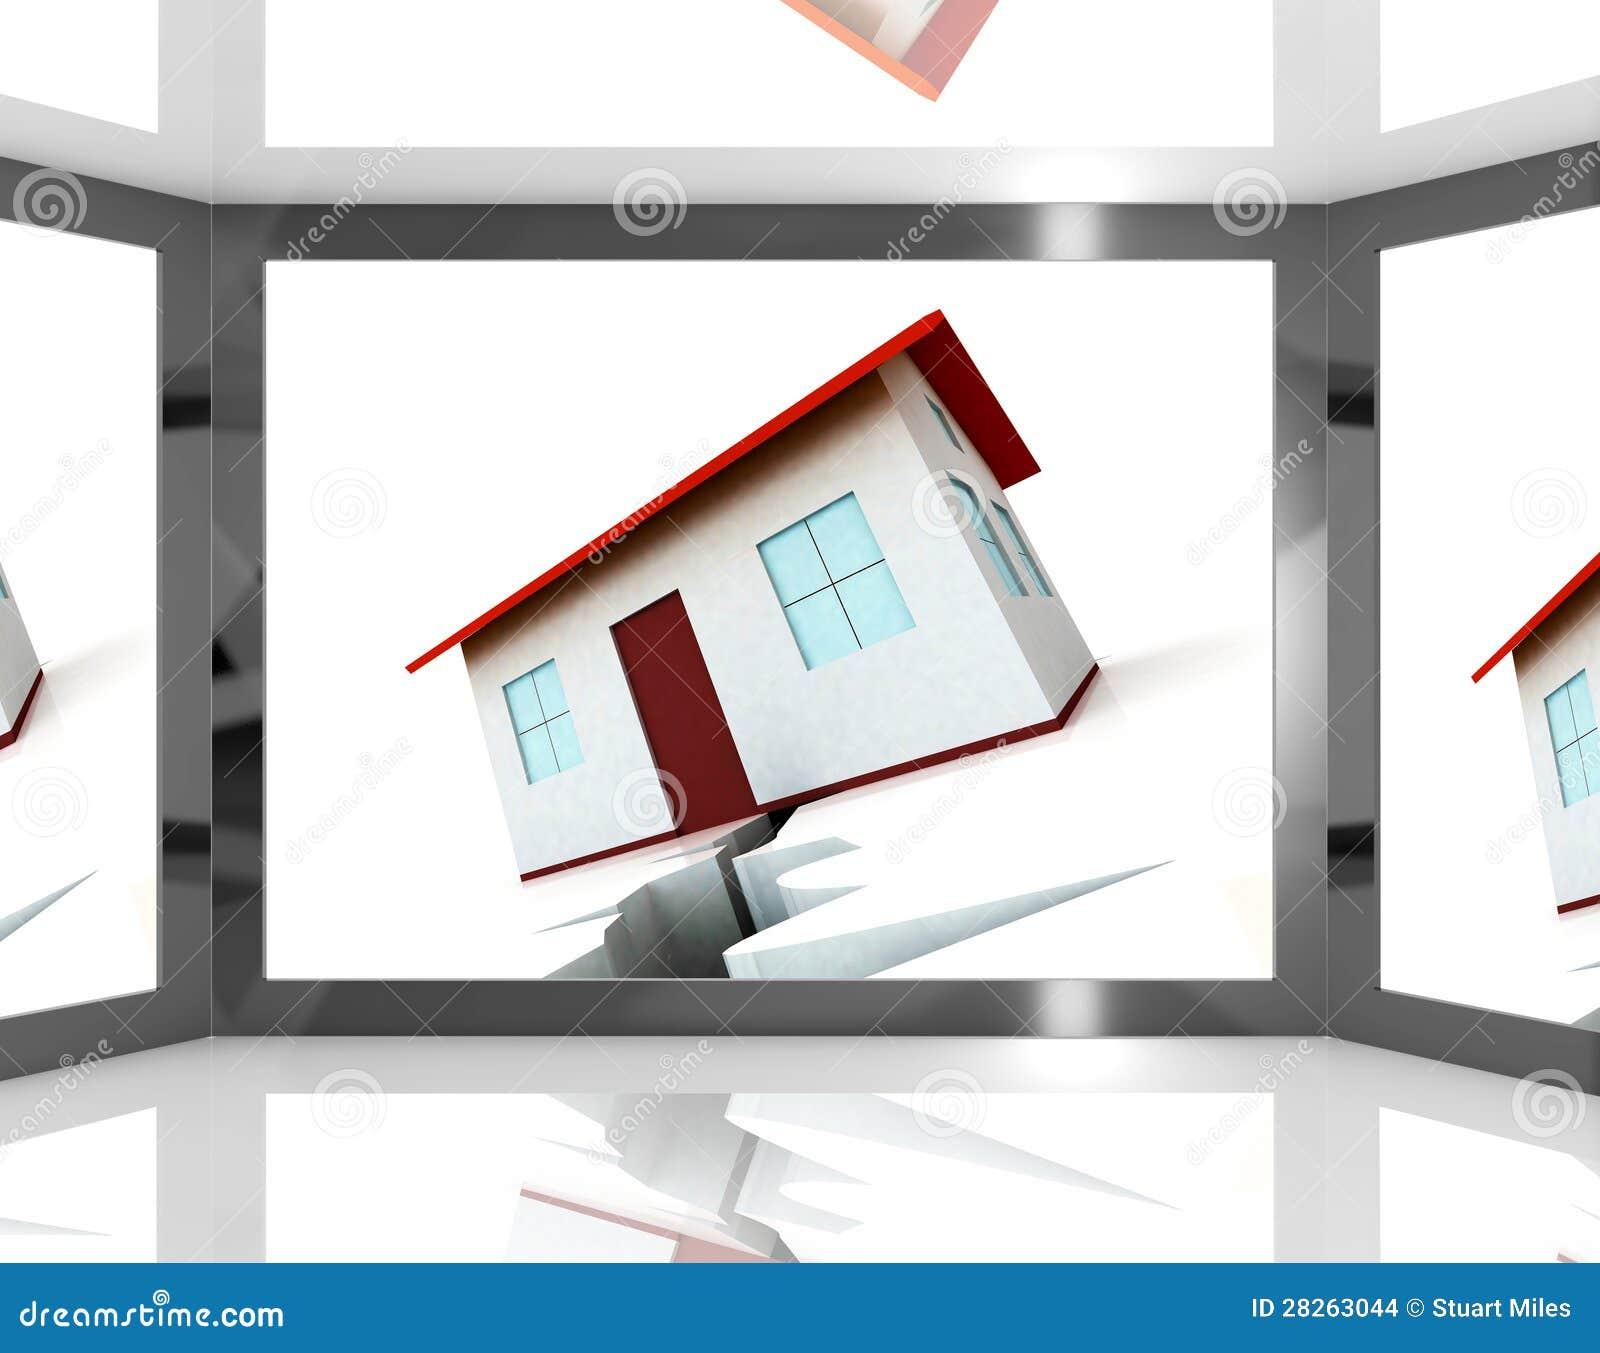 De gebarsten stichtingen van het huis op het scherm dat de bouwschade toont stock afbeeldingen - Scherm huis ...